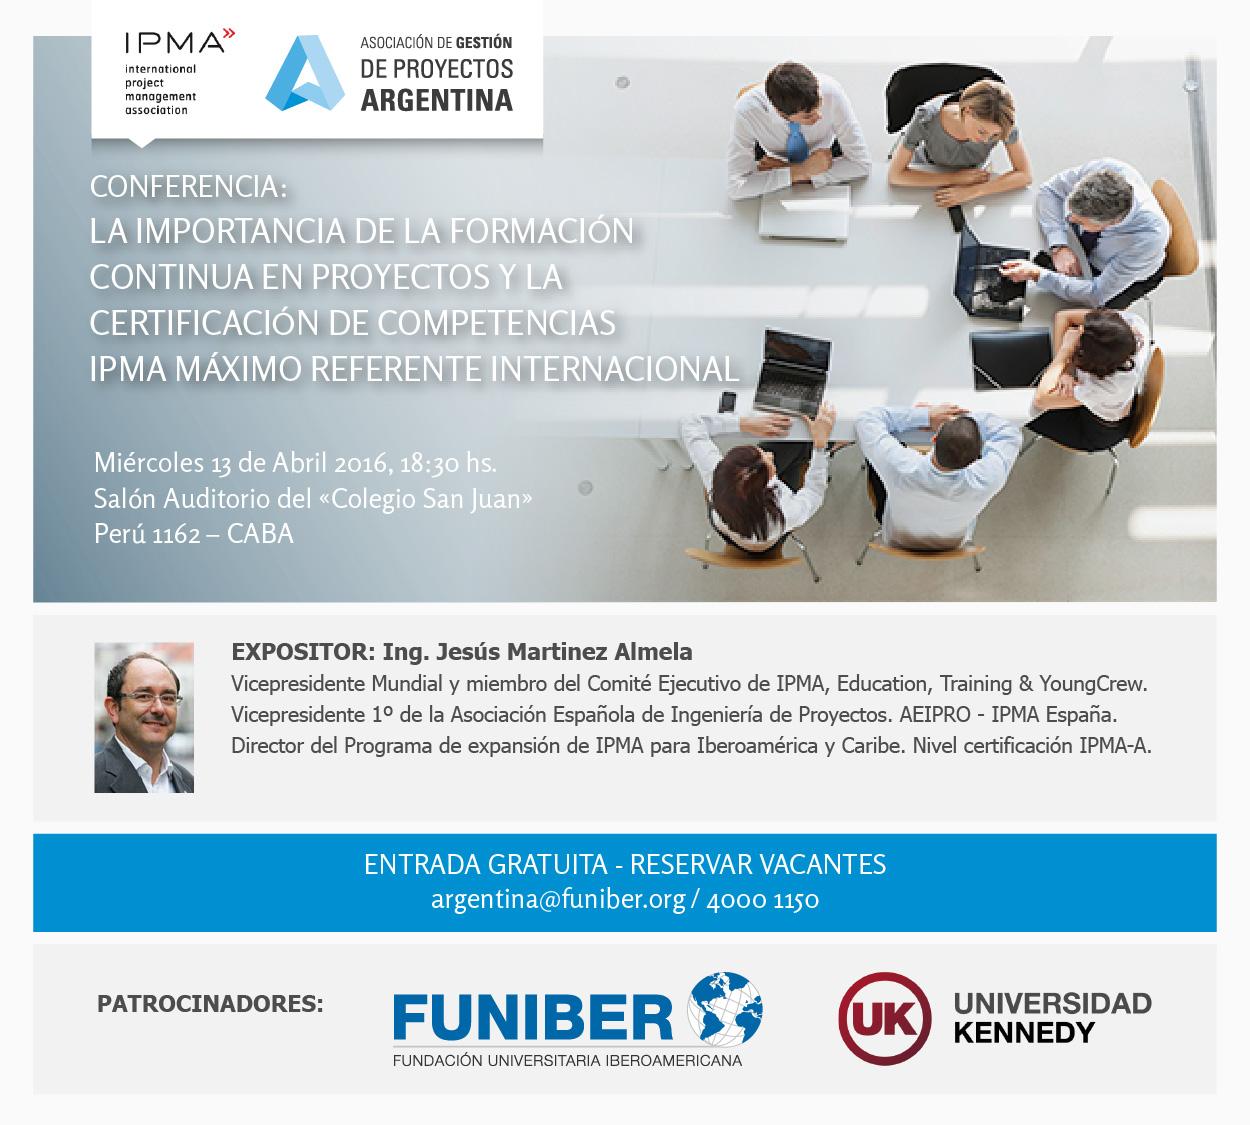 FUNIBER, Universidad Kennedy y AGPA organizan conferencia sobre proyectos en Argentina